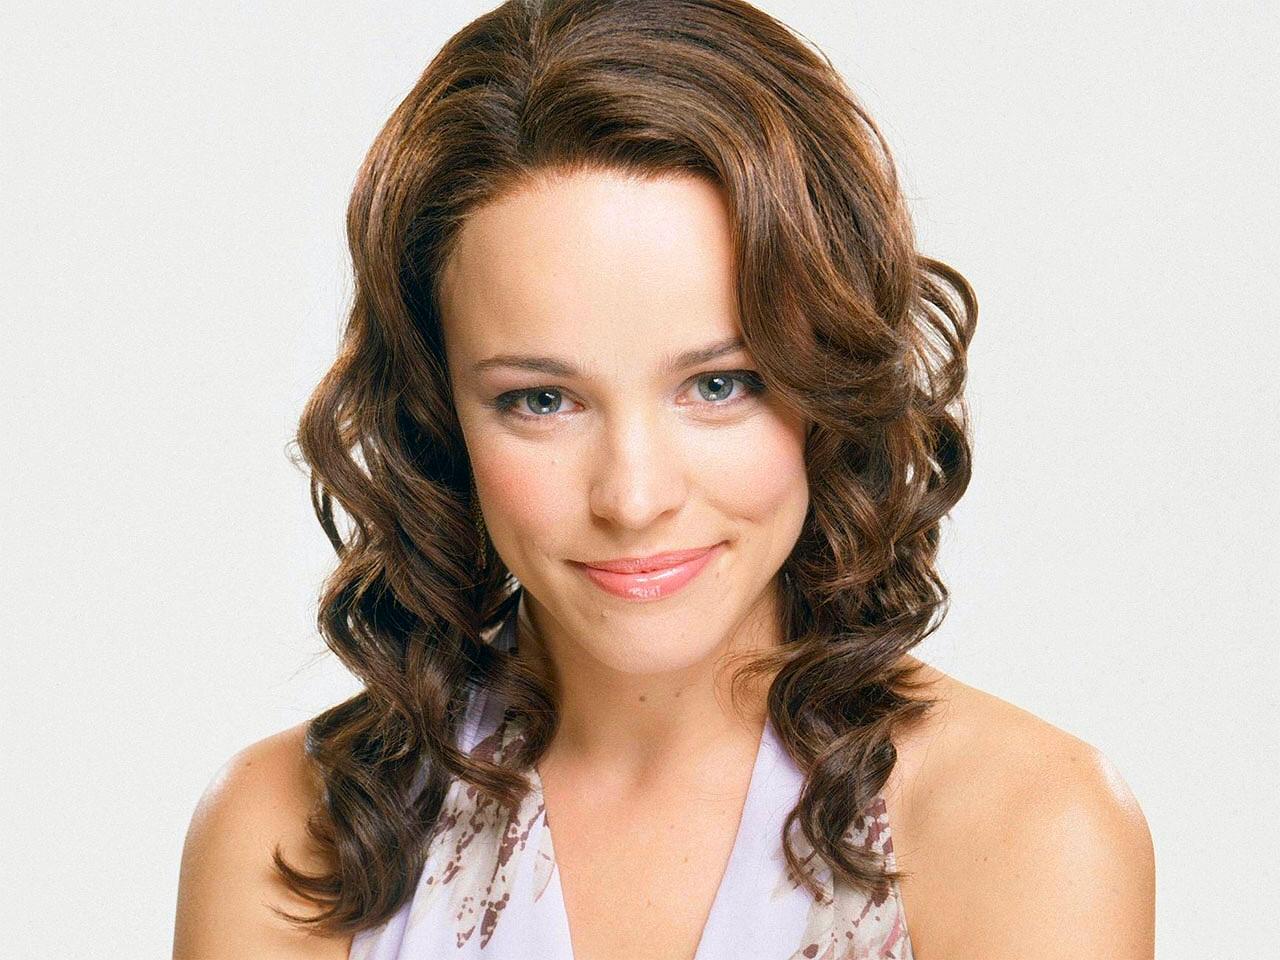 http://2.bp.blogspot.com/_YG6qIvPsLFI/S-_TOrHS9nI/AAAAAAAACYo/EcailxLcfcc/s1600/Rachel+Mcadams.jpg